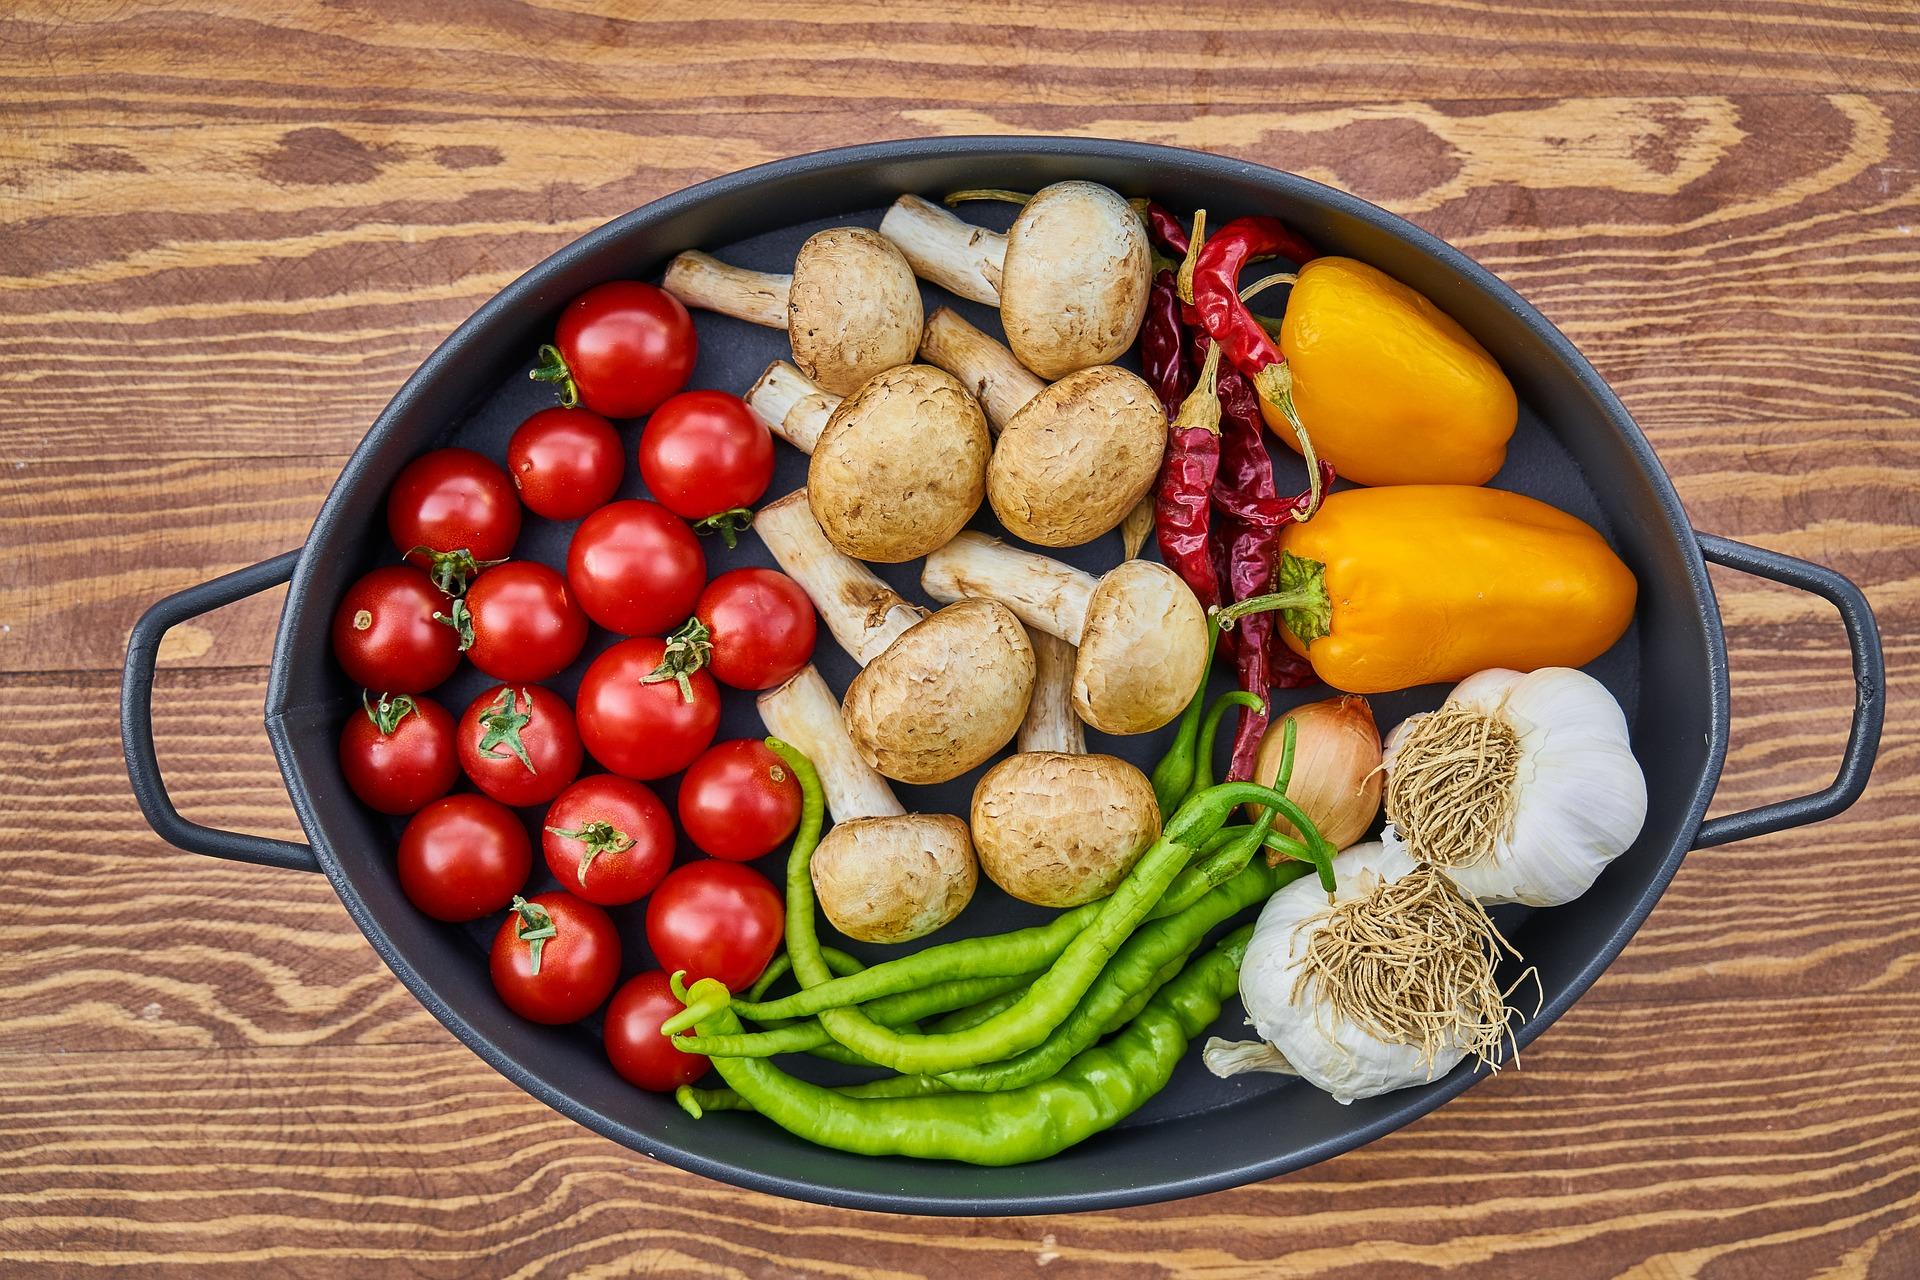 Dicas de como melhorar a alimentação